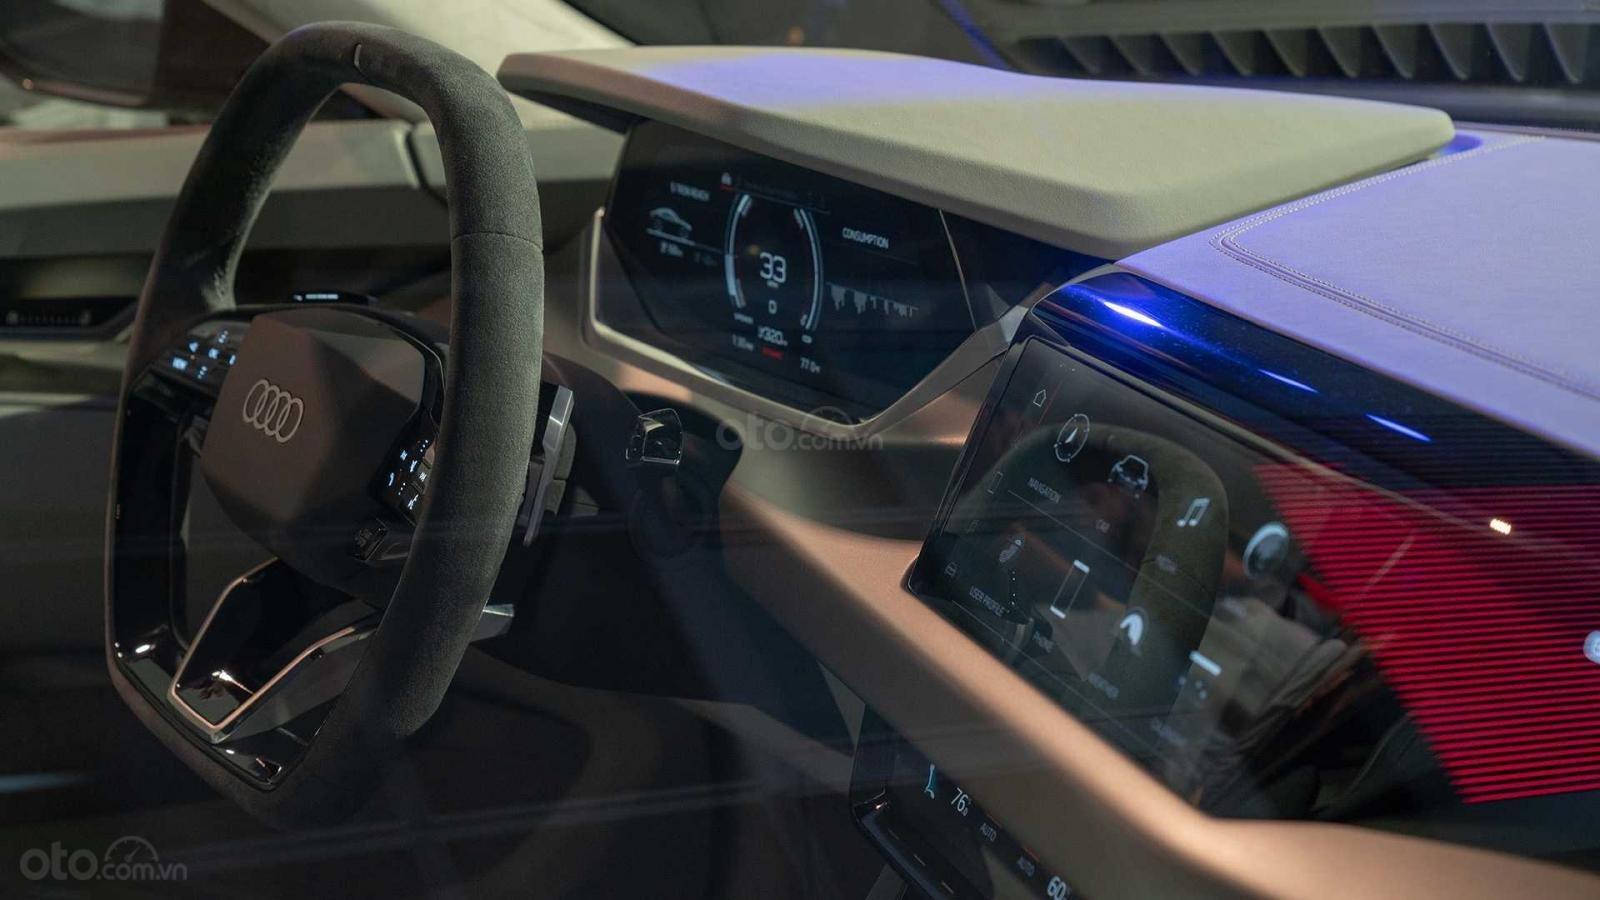 Xe điện cỡ Audi A4 đảm bảo sự tân tiến, hiện đại đúng chuẩn